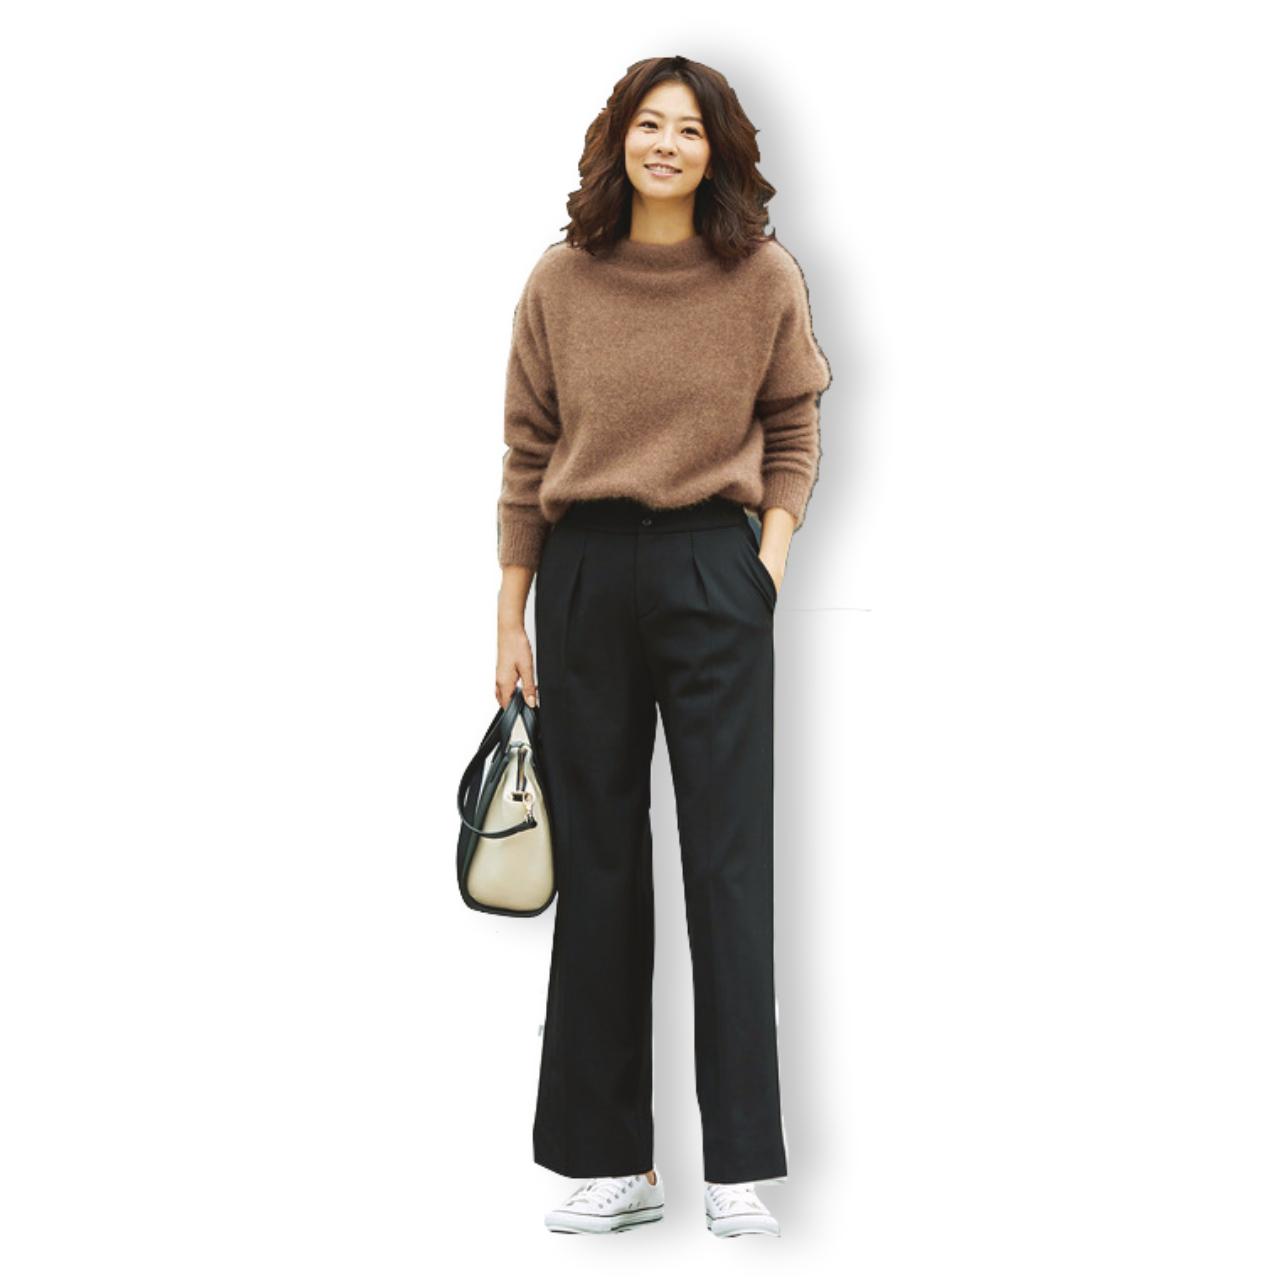 ブラウンニット×白スニーカーのファッションコーデ